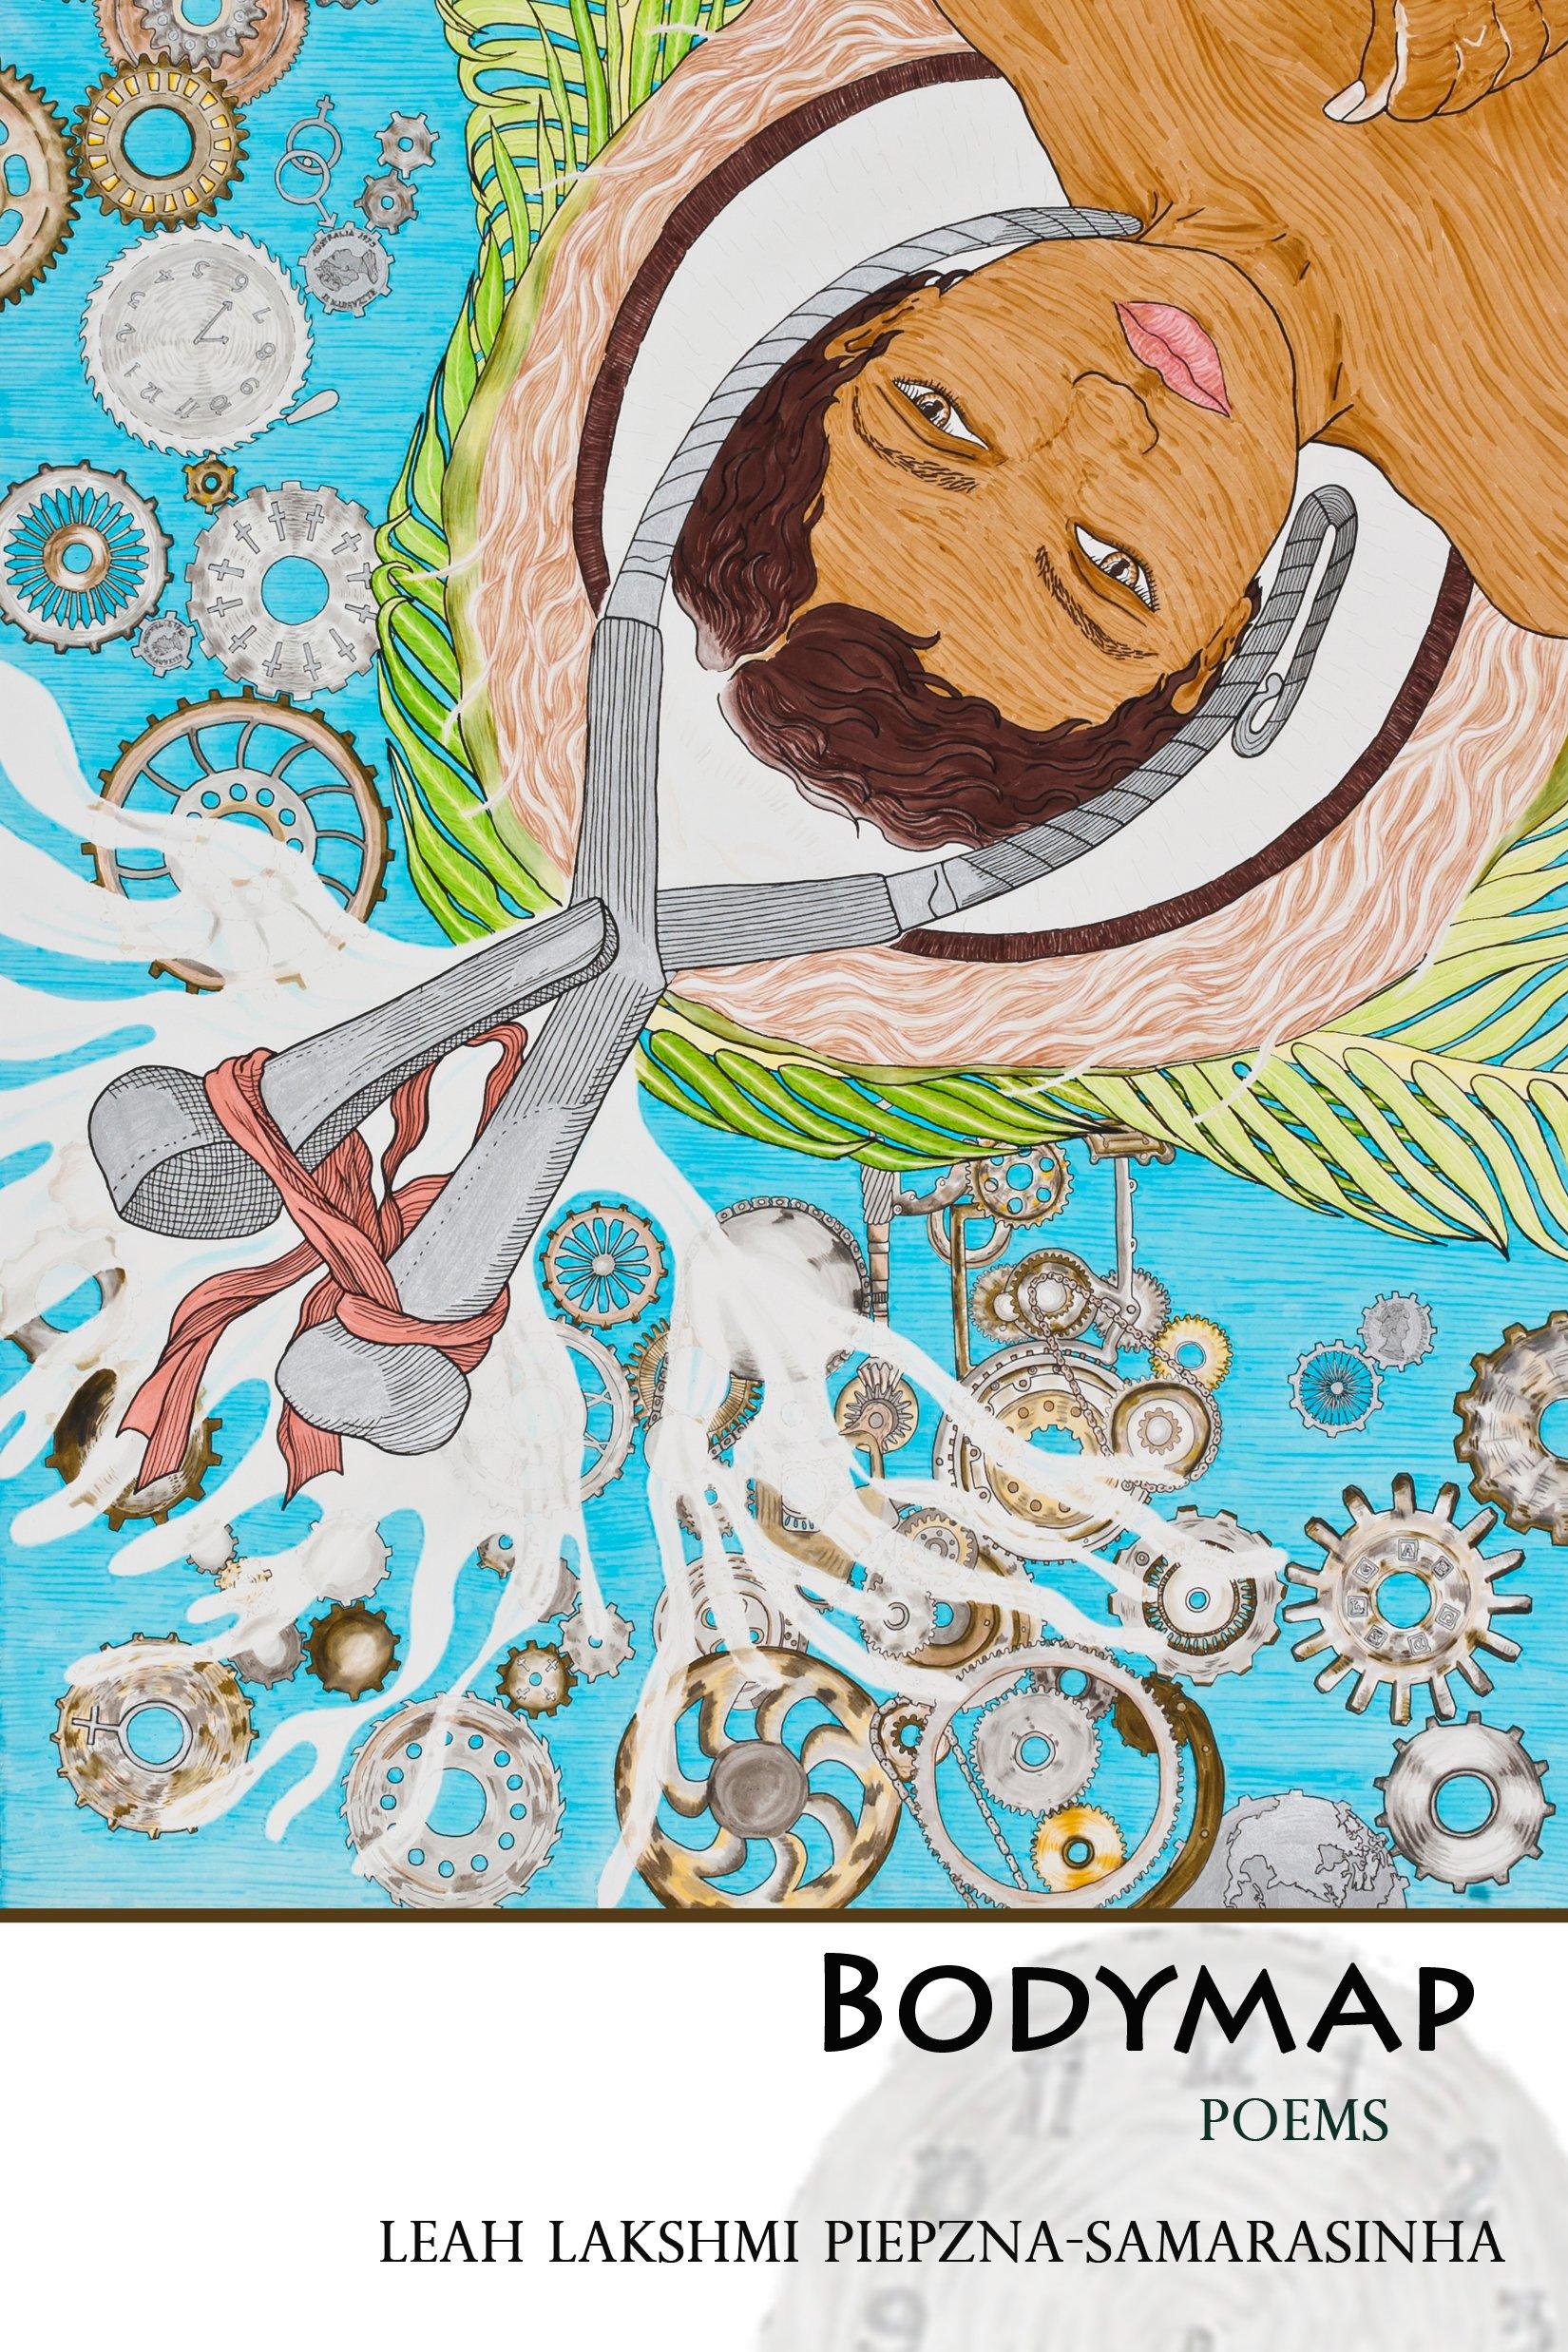 Bodymap by Leah Lakshmi Piepzna-Samarasinha